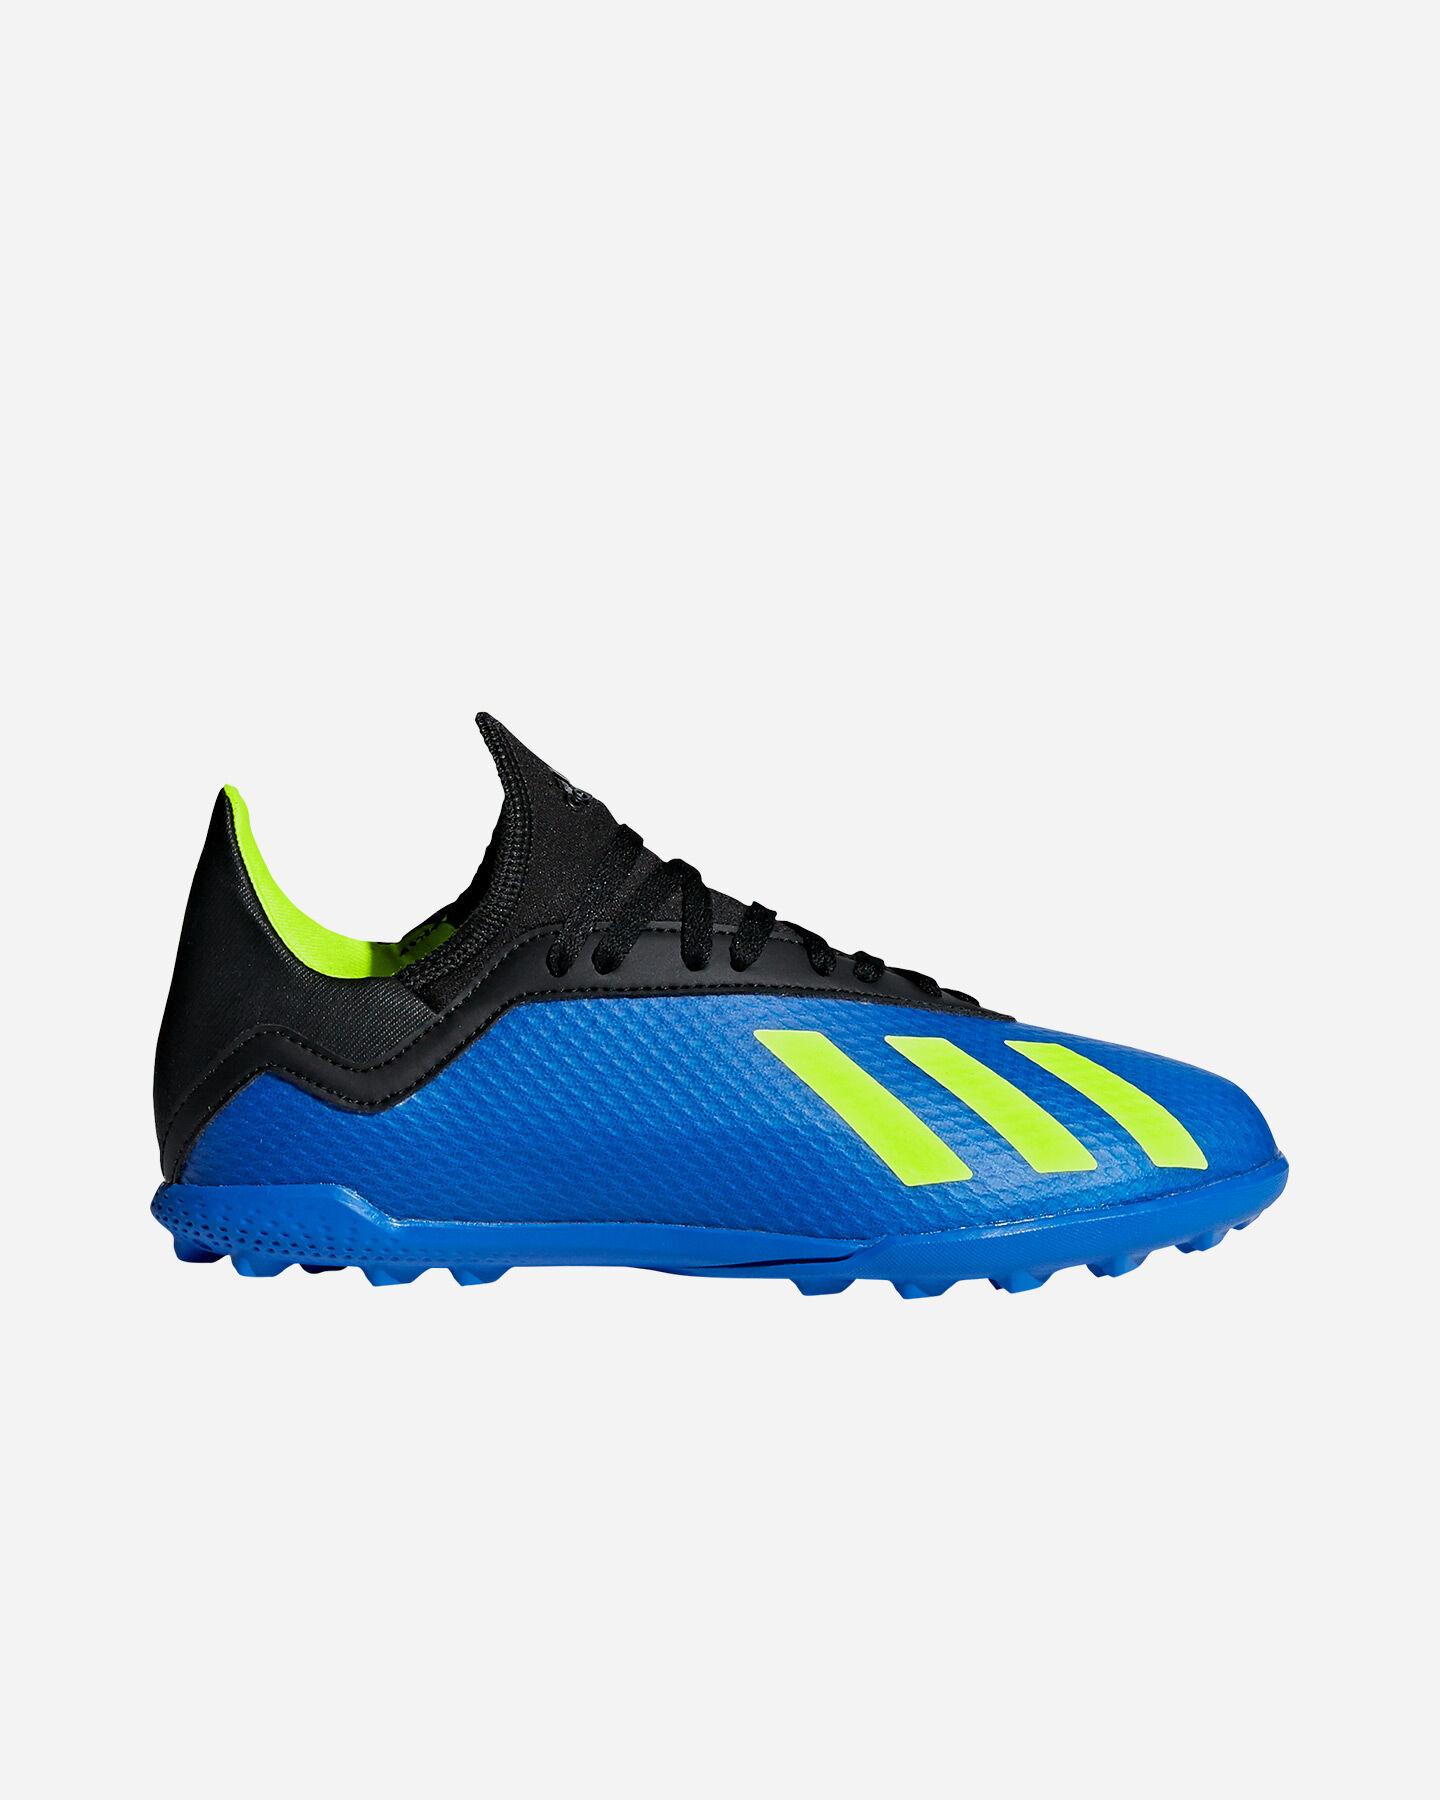 hot sale online 6ba68 891f4 adidas x tango 17.4 tf scarpe da calcio uomo oro